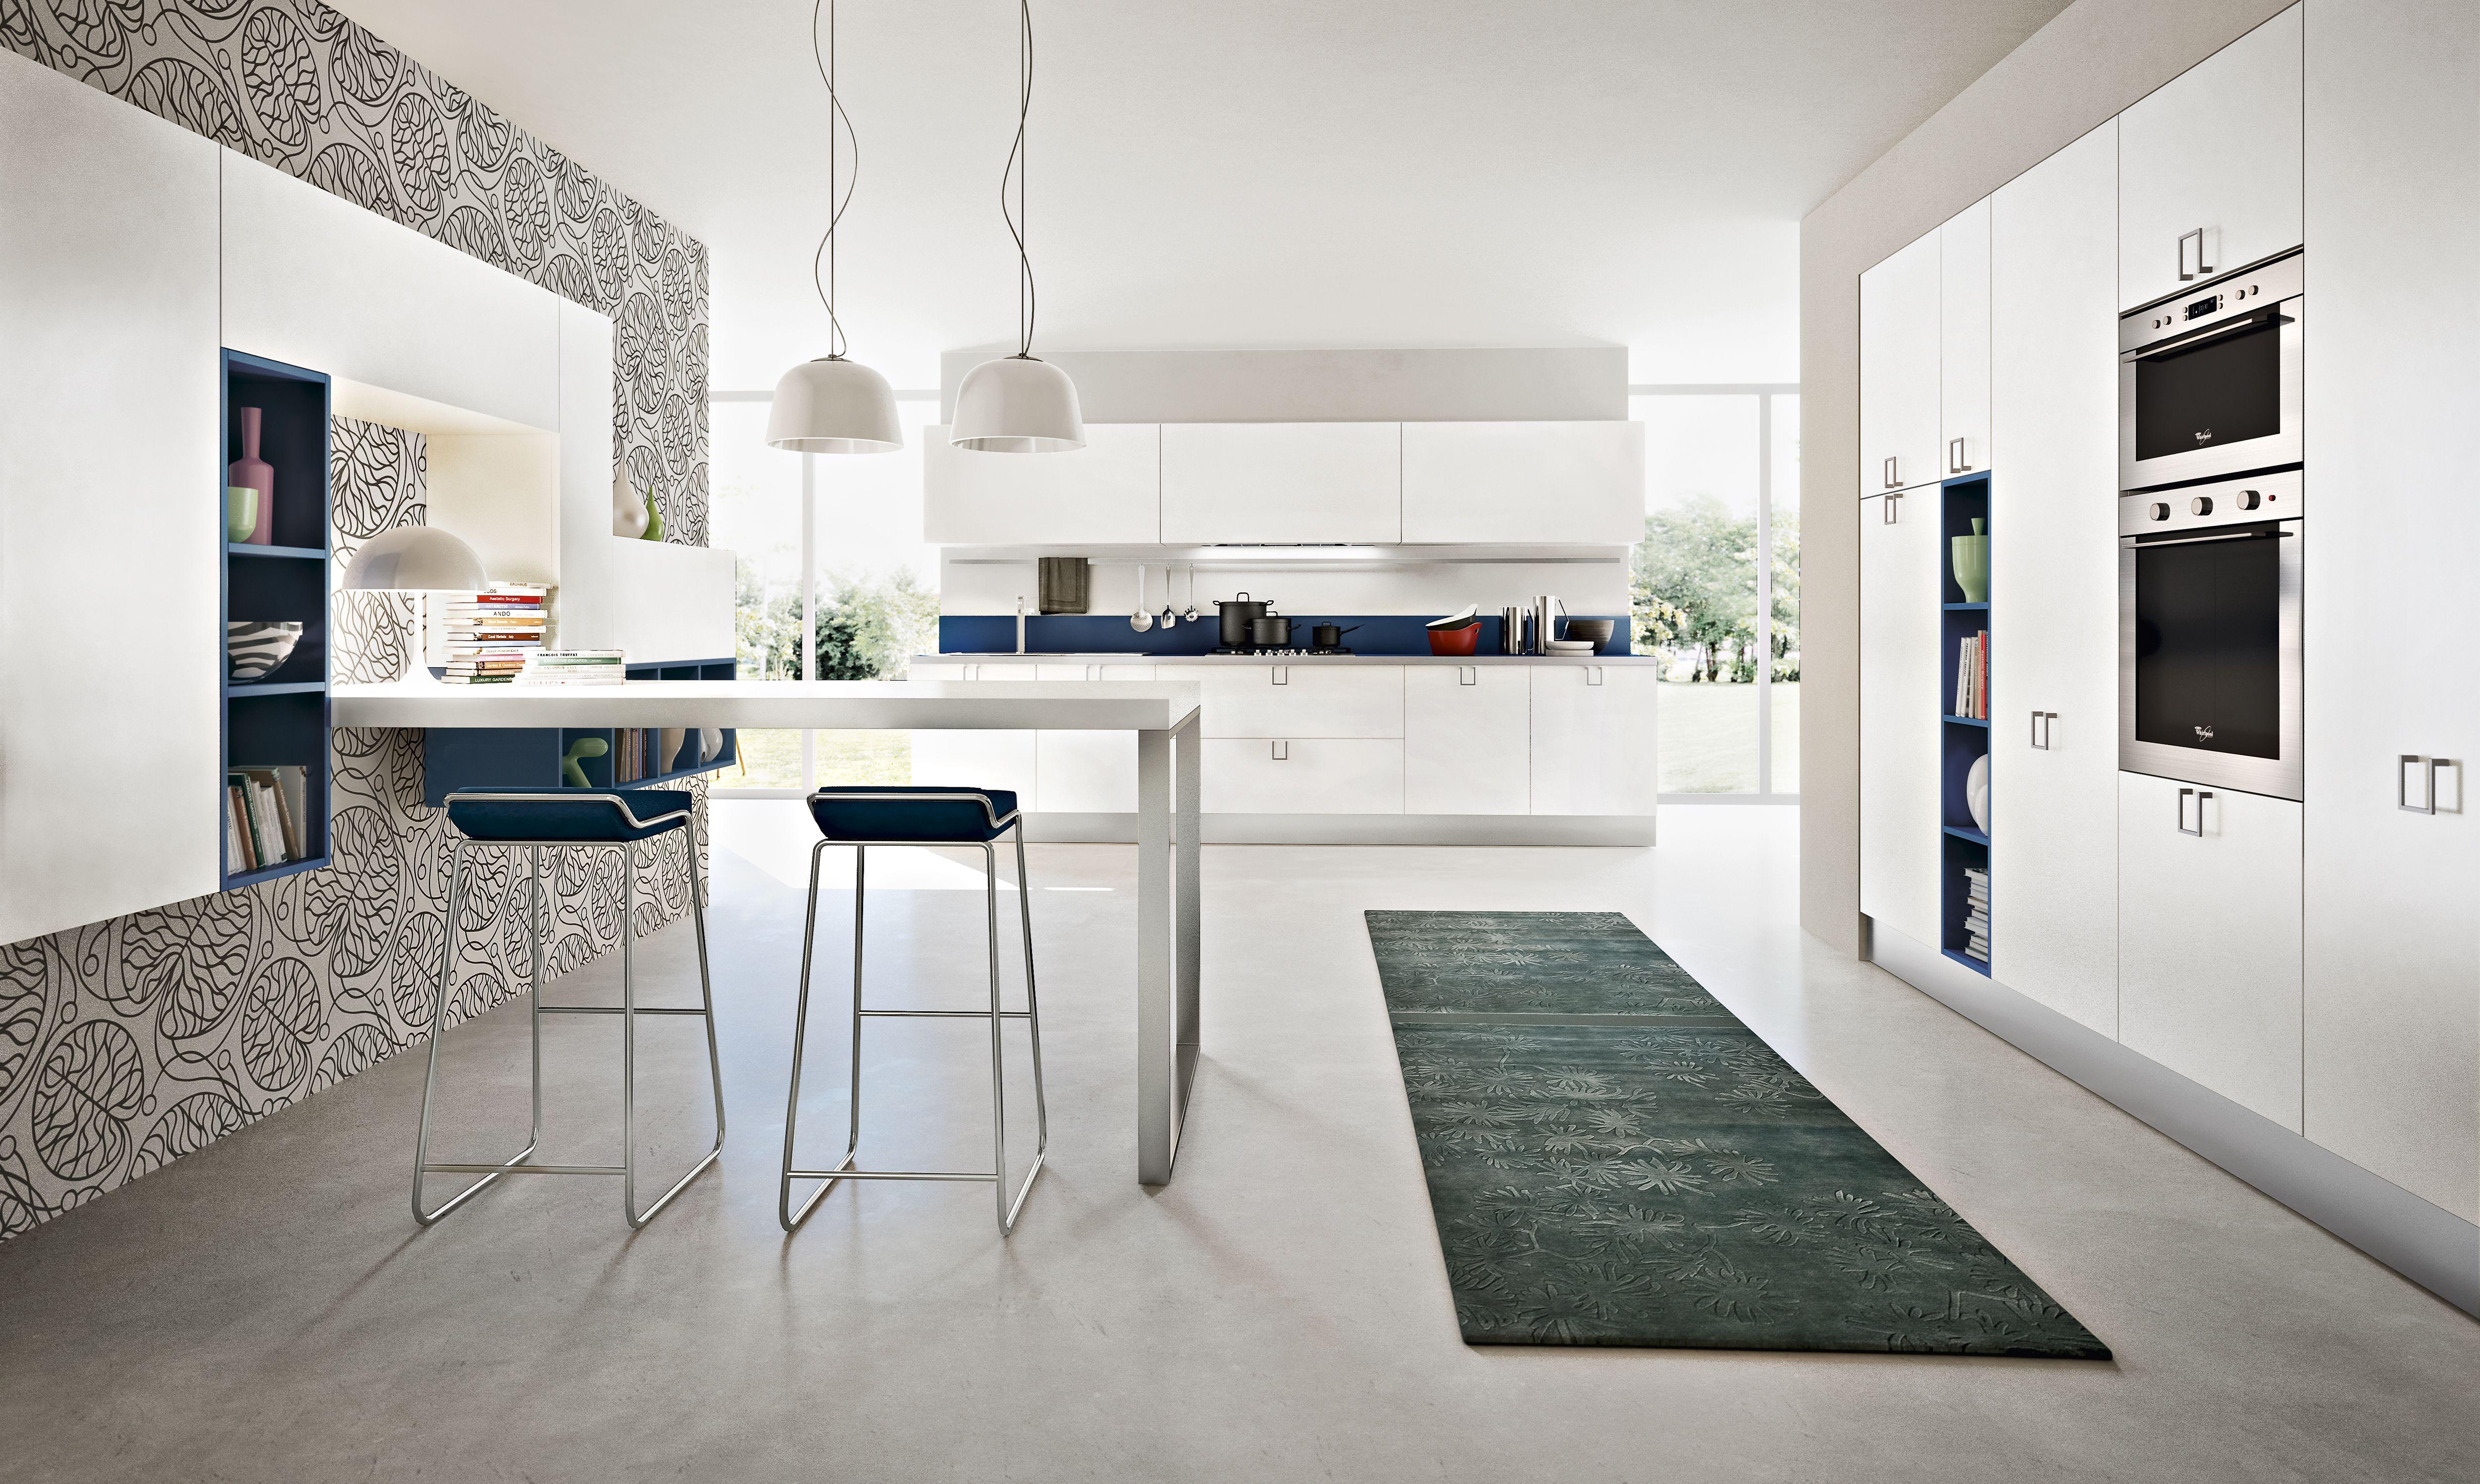 Eko 2015 Kitchen Design Nyc  Cocinas  Pinterest  Kitchen Design Interesting Modern Kitchen Cabinets Nyc Design Decoration